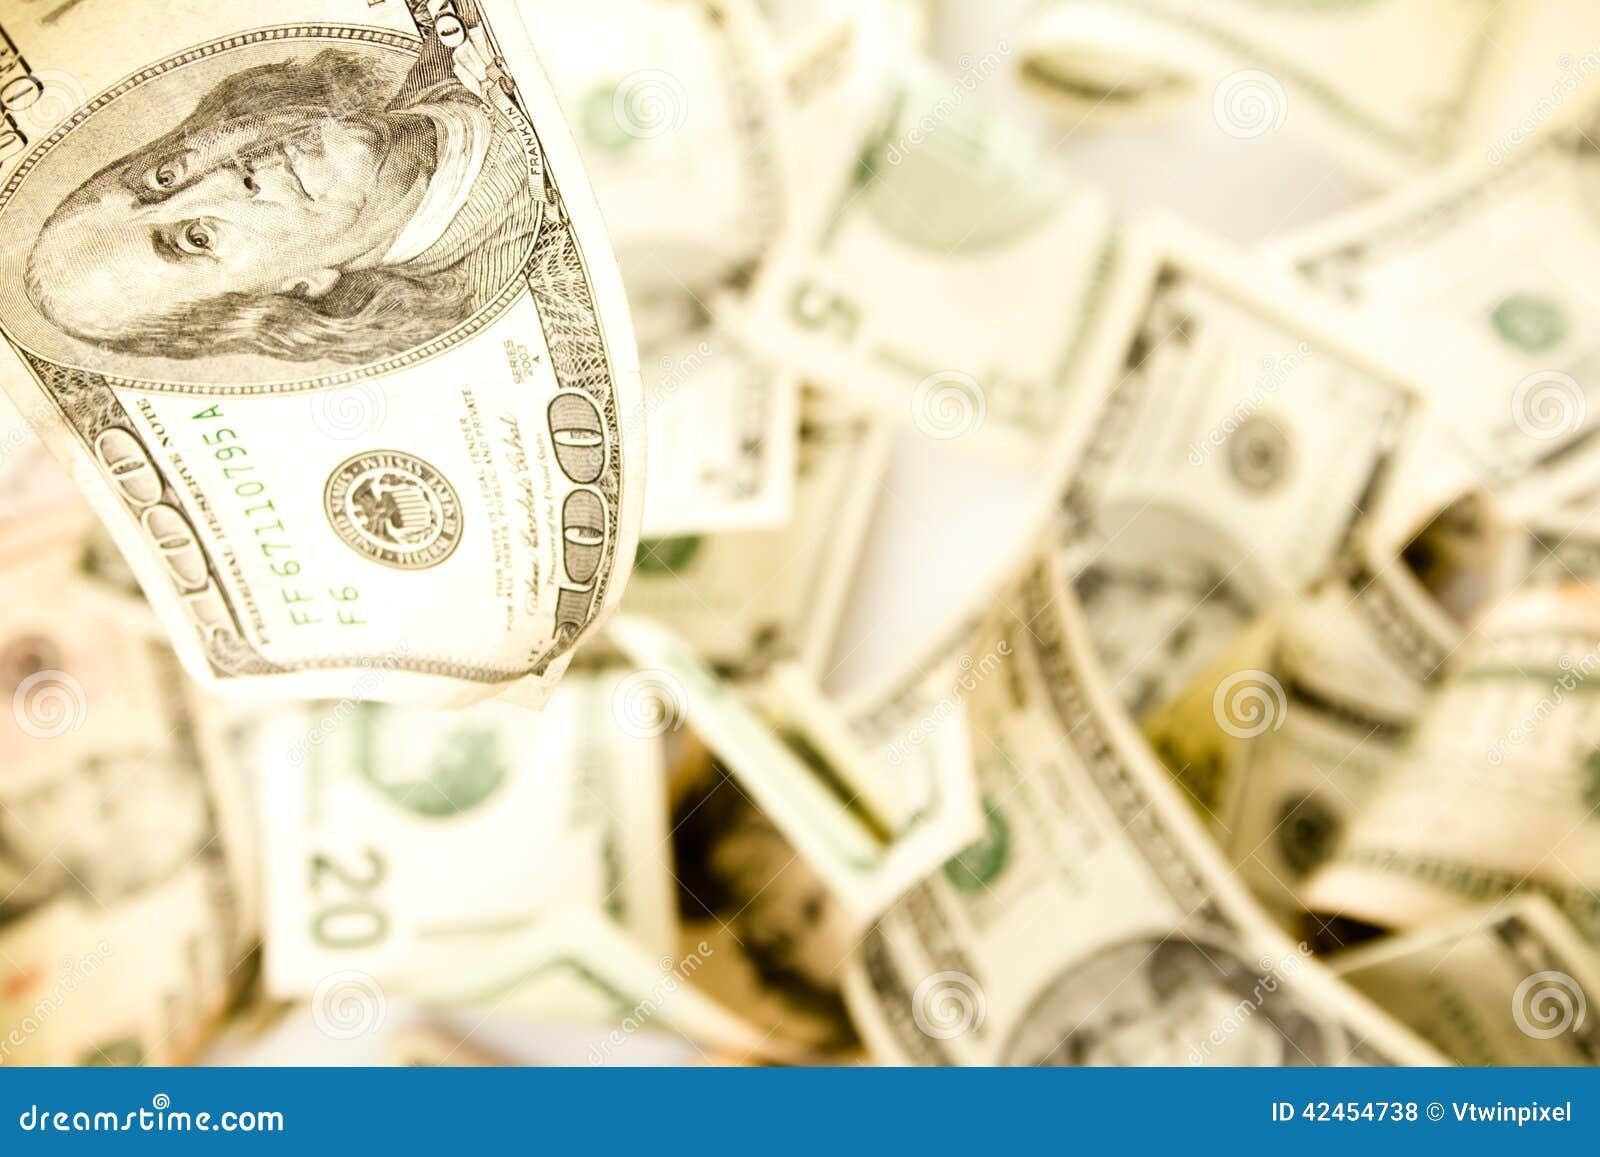 US-Währungsfallen